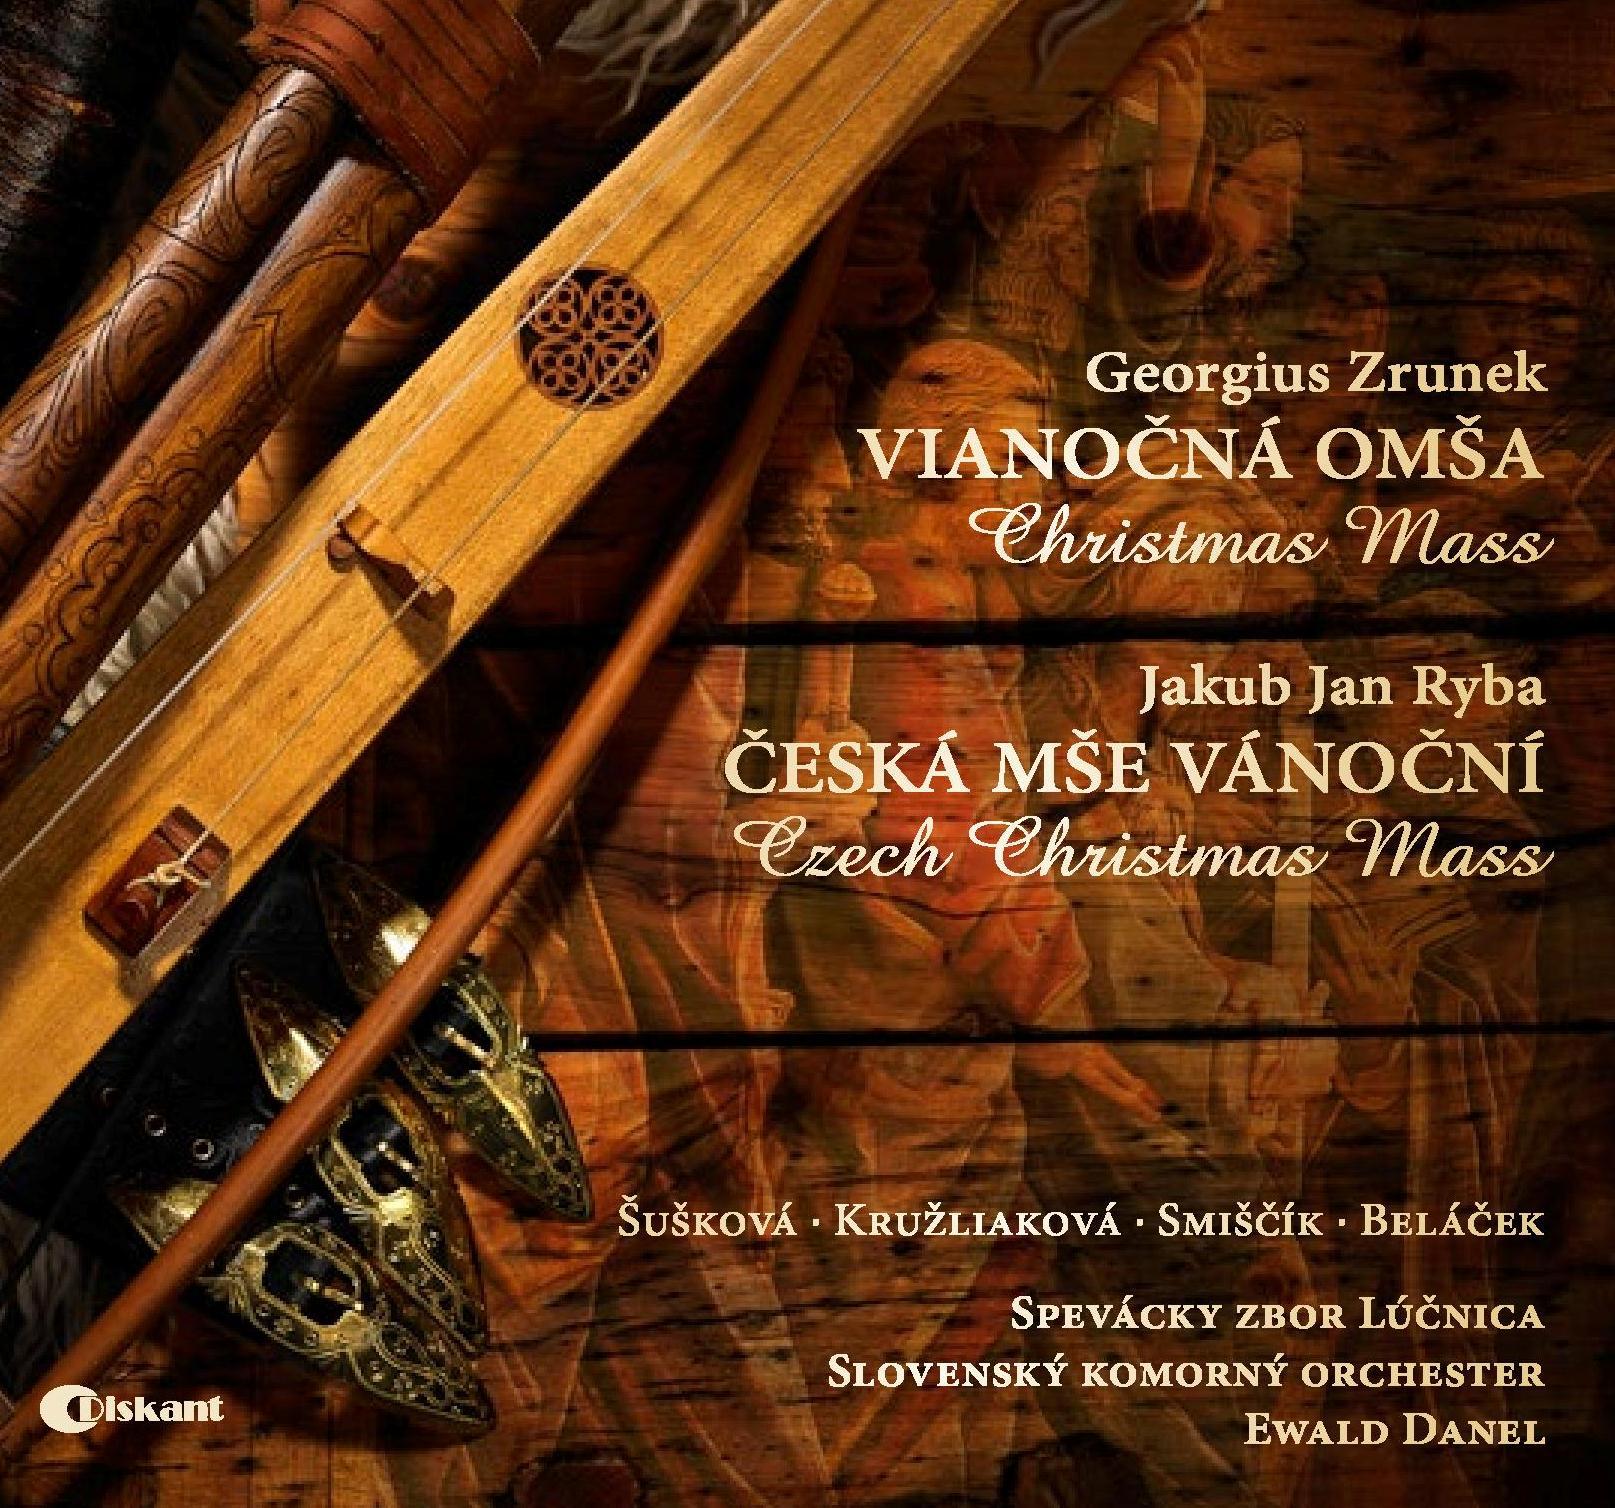 CD Ryba-Zrunek (graphic design: Vladimír Yurkovic)